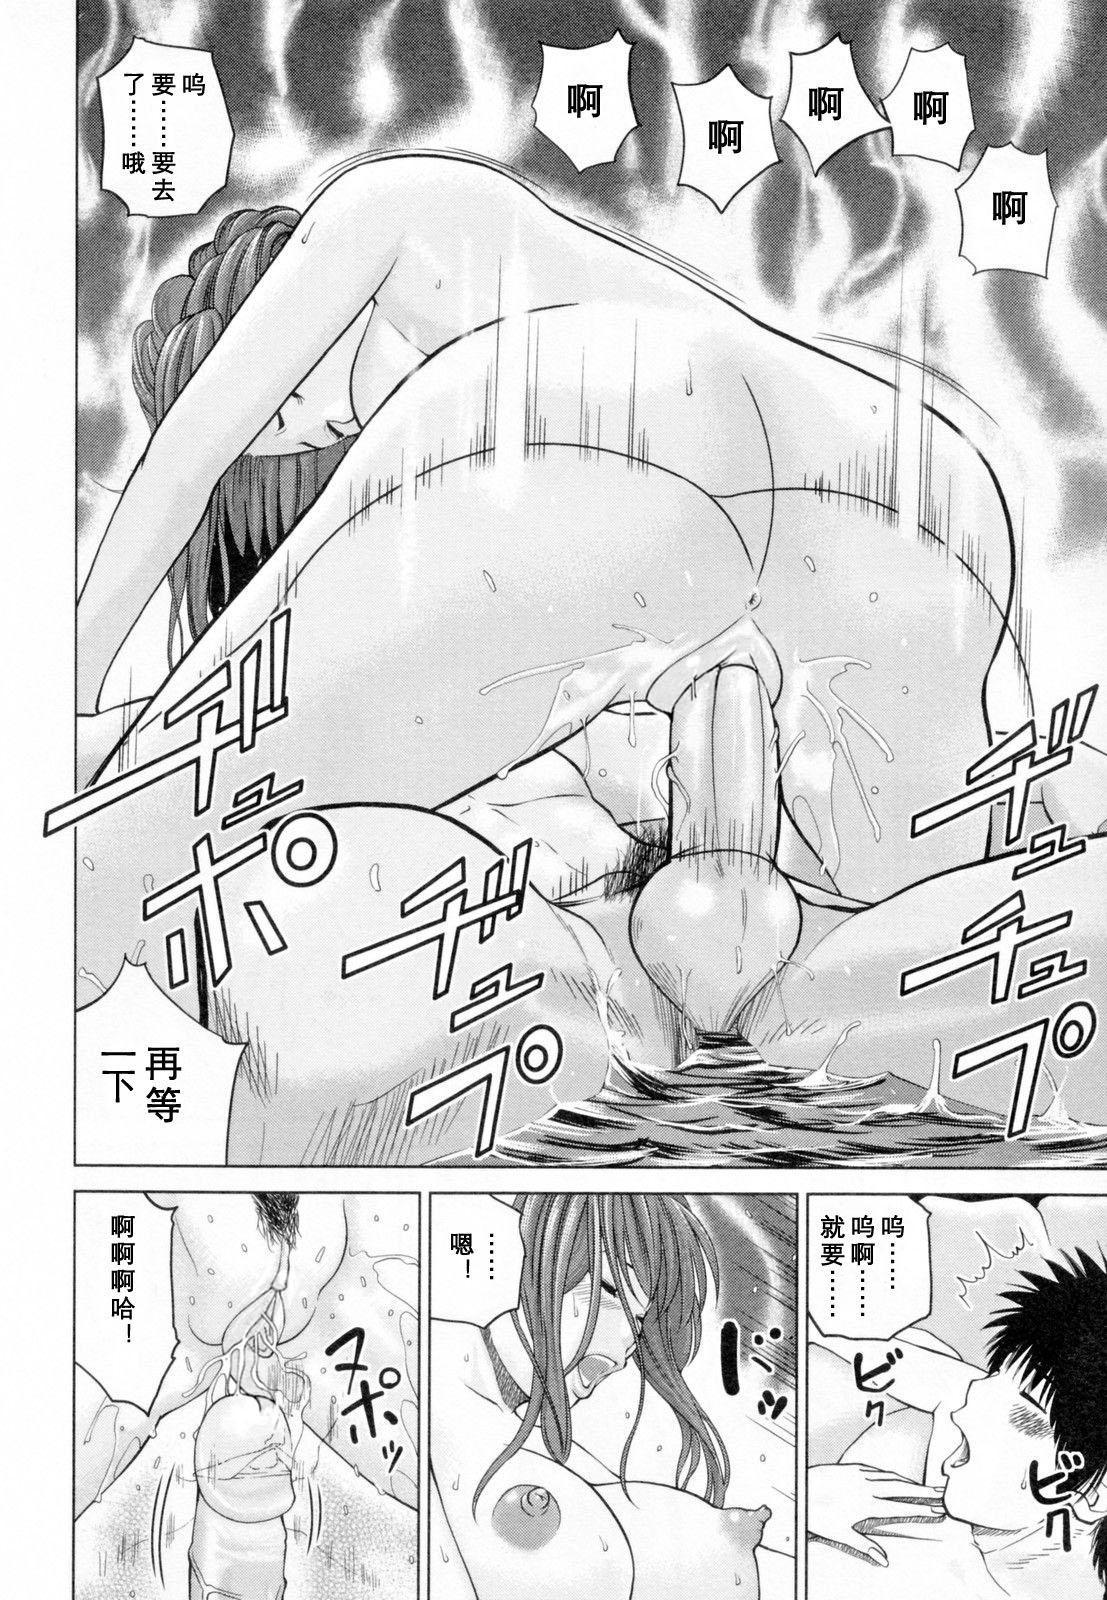 32 Sai Yokkyuufuman no Hitozuma 63